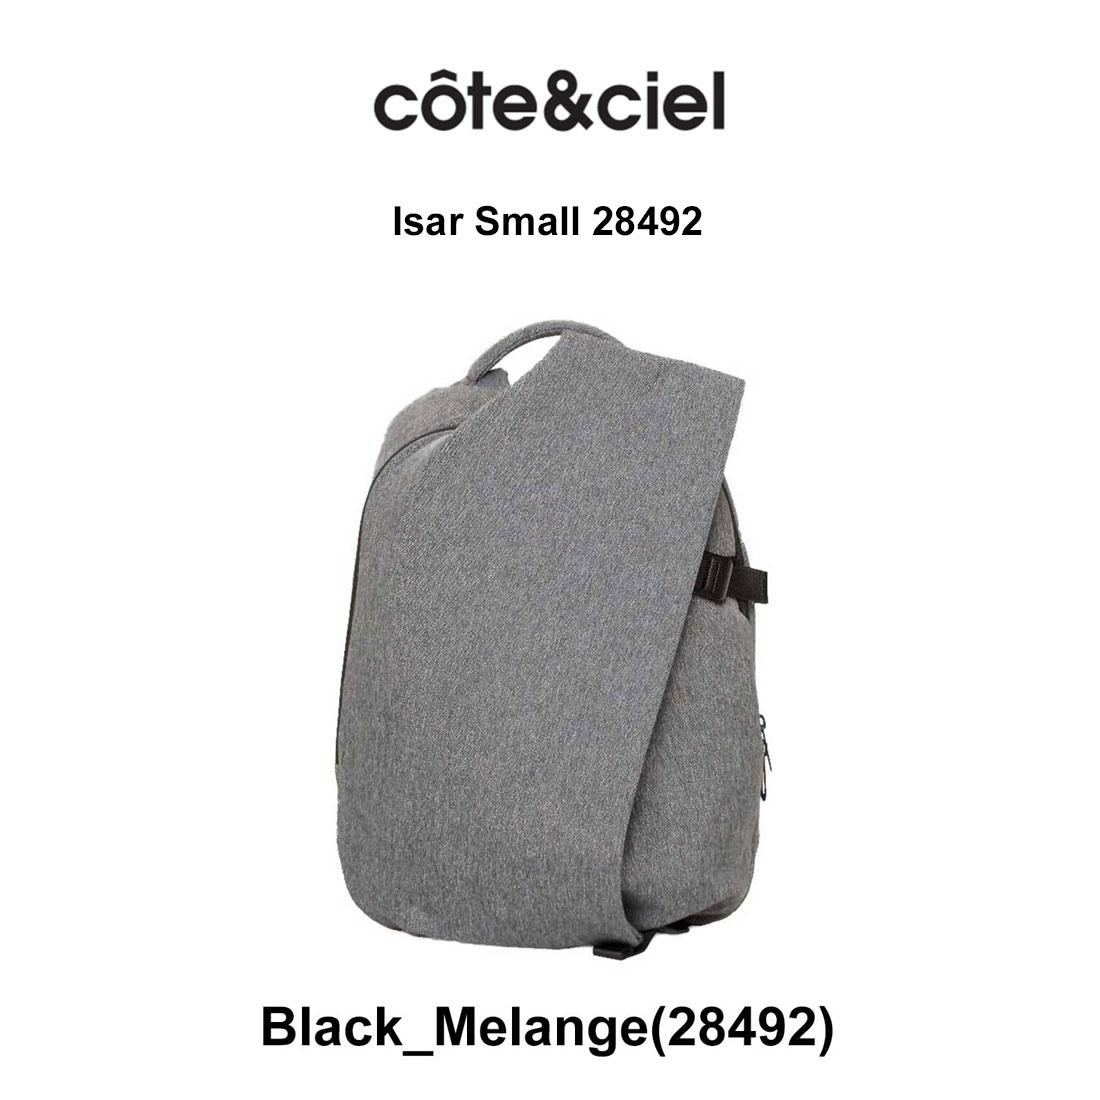 Cote&Ciel(コートエシエル)バックパック リュック 通勤通学 ノートPC 13インチ Isar Small 28492